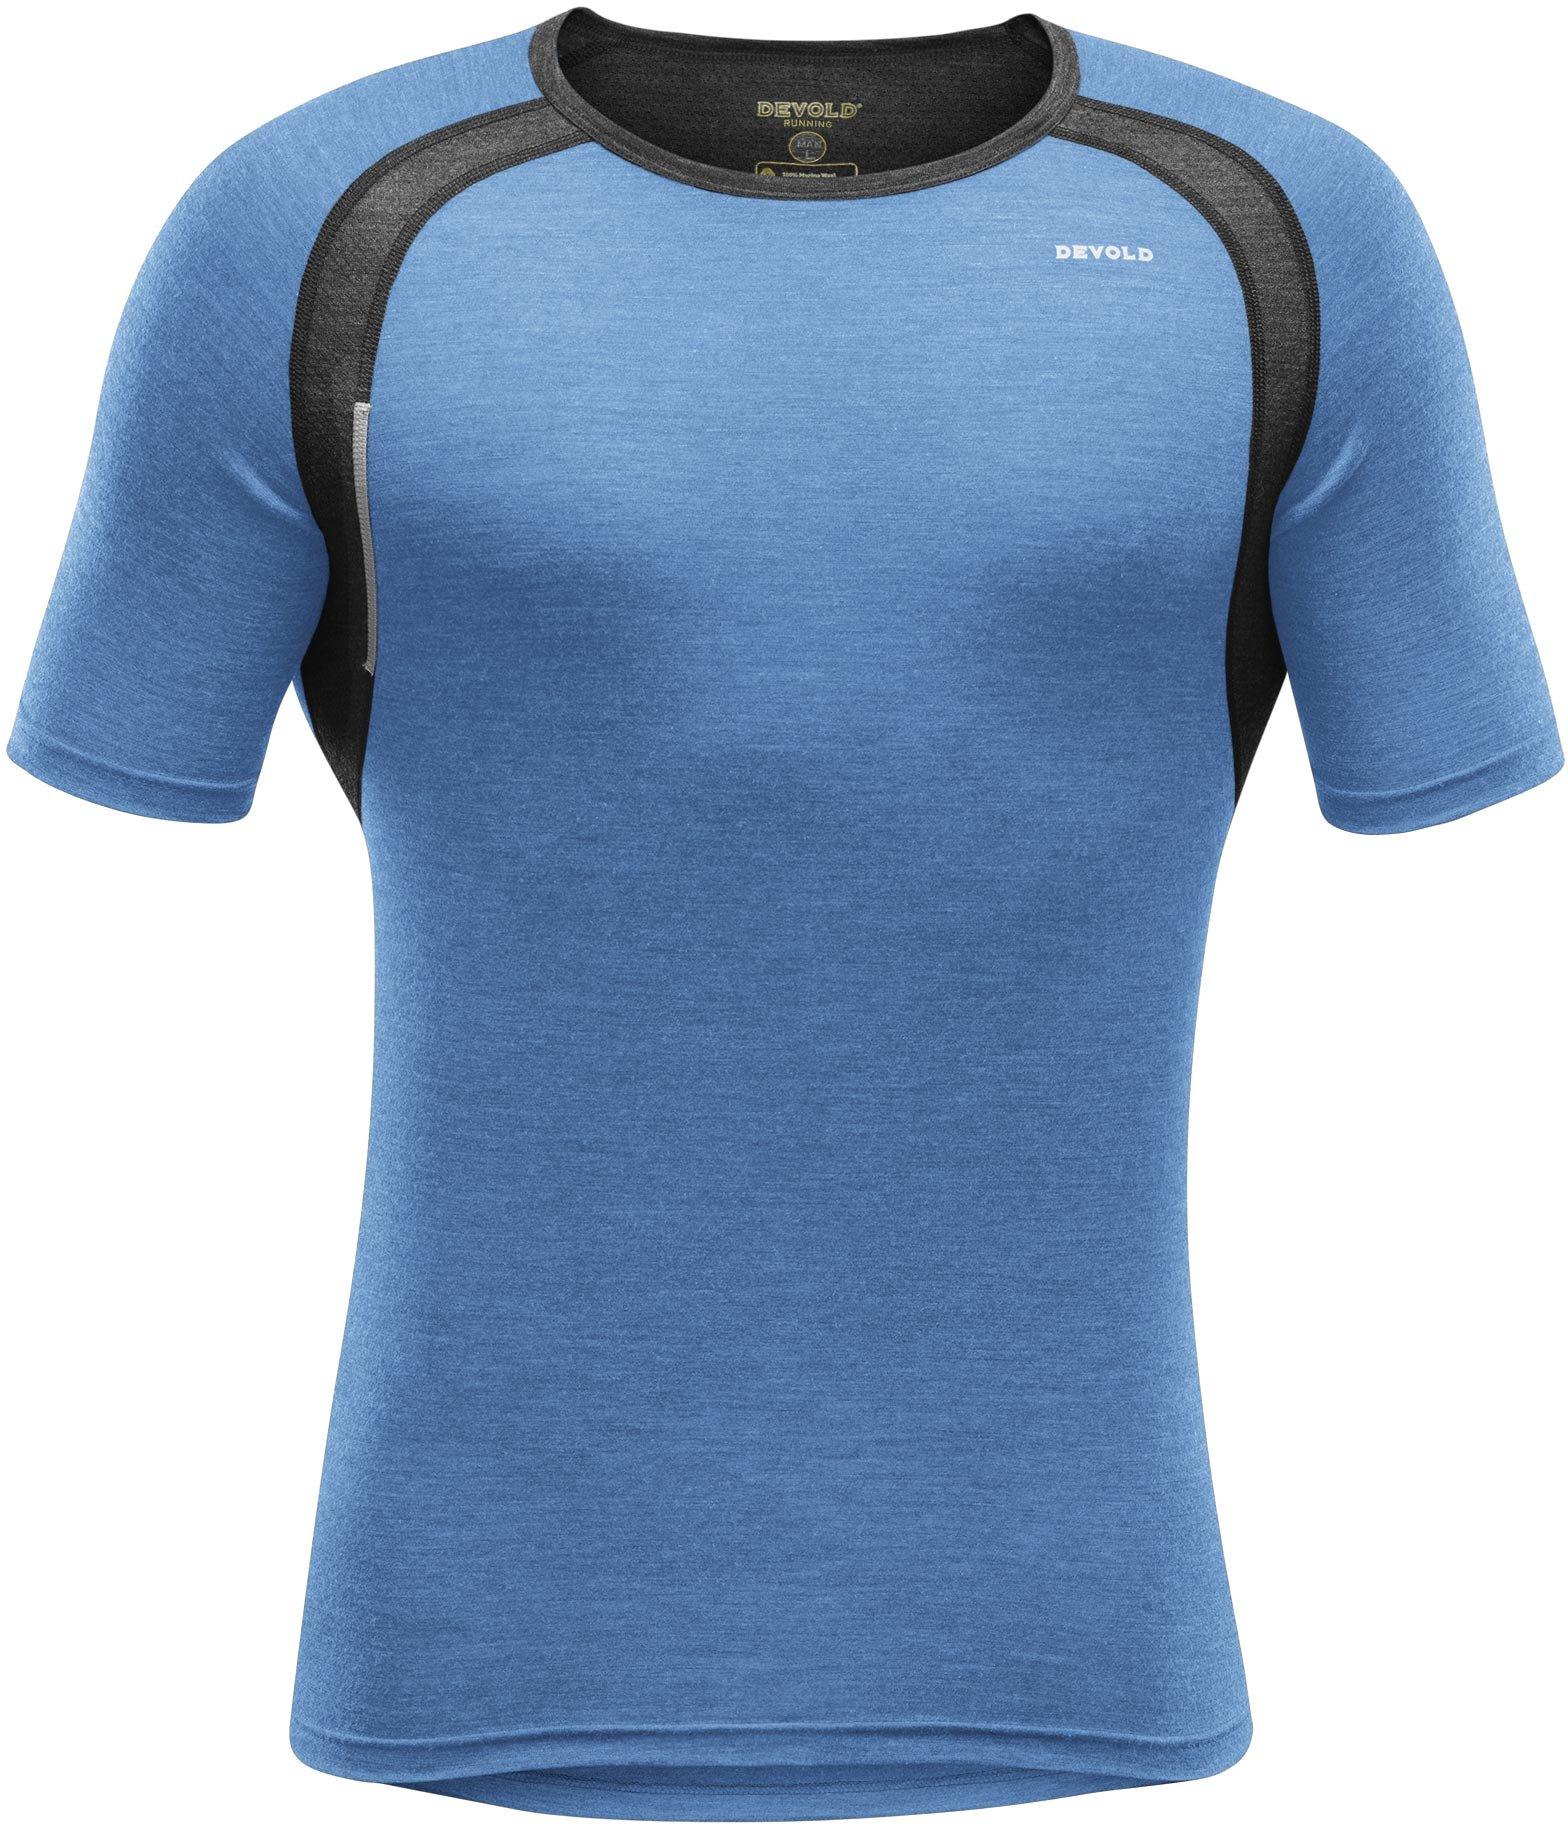 b487c5c7675 Devold Running Man T-Shirt M